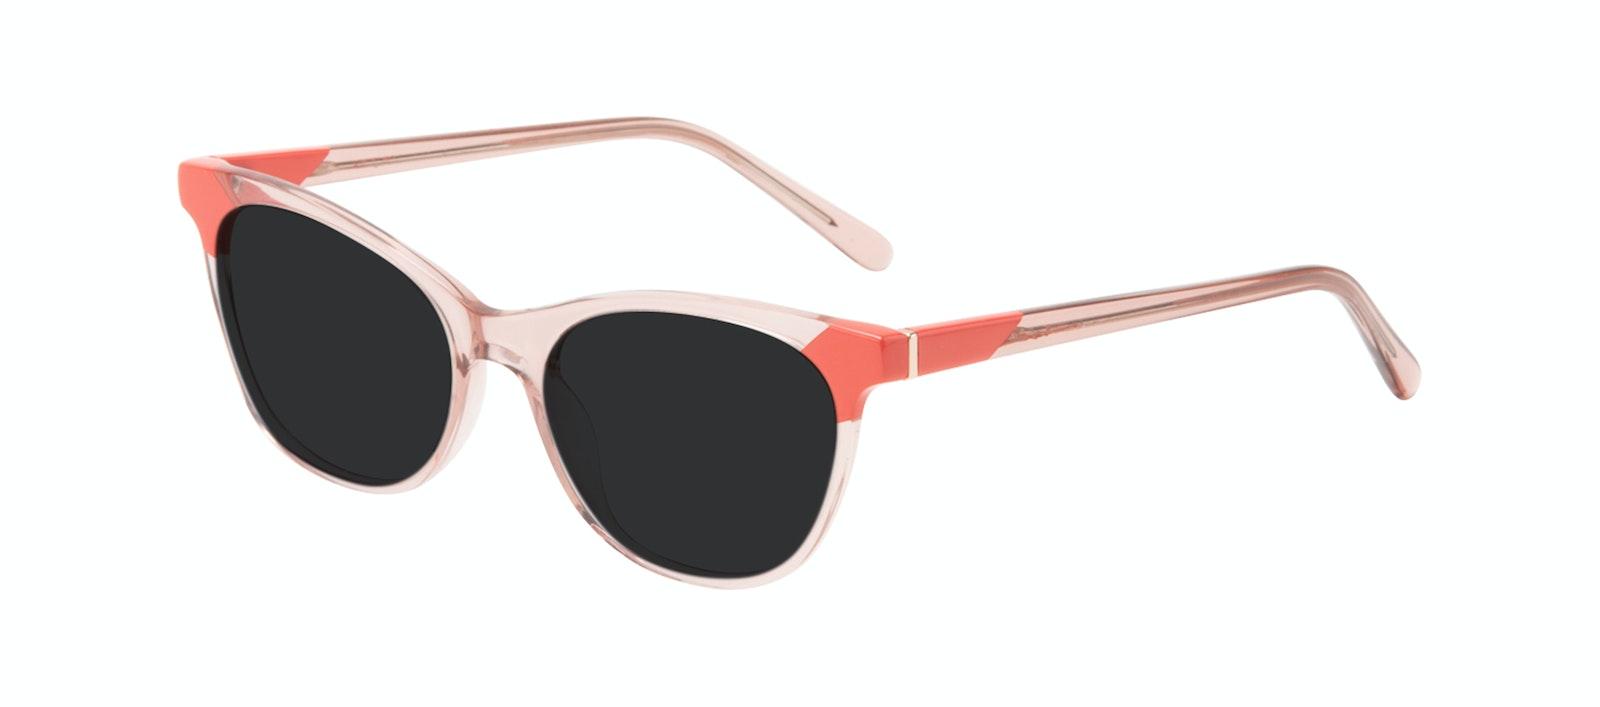 Lunettes tendance Oeil de chat Lunettes de soleil Femmes Witty Pink Coral Incliné